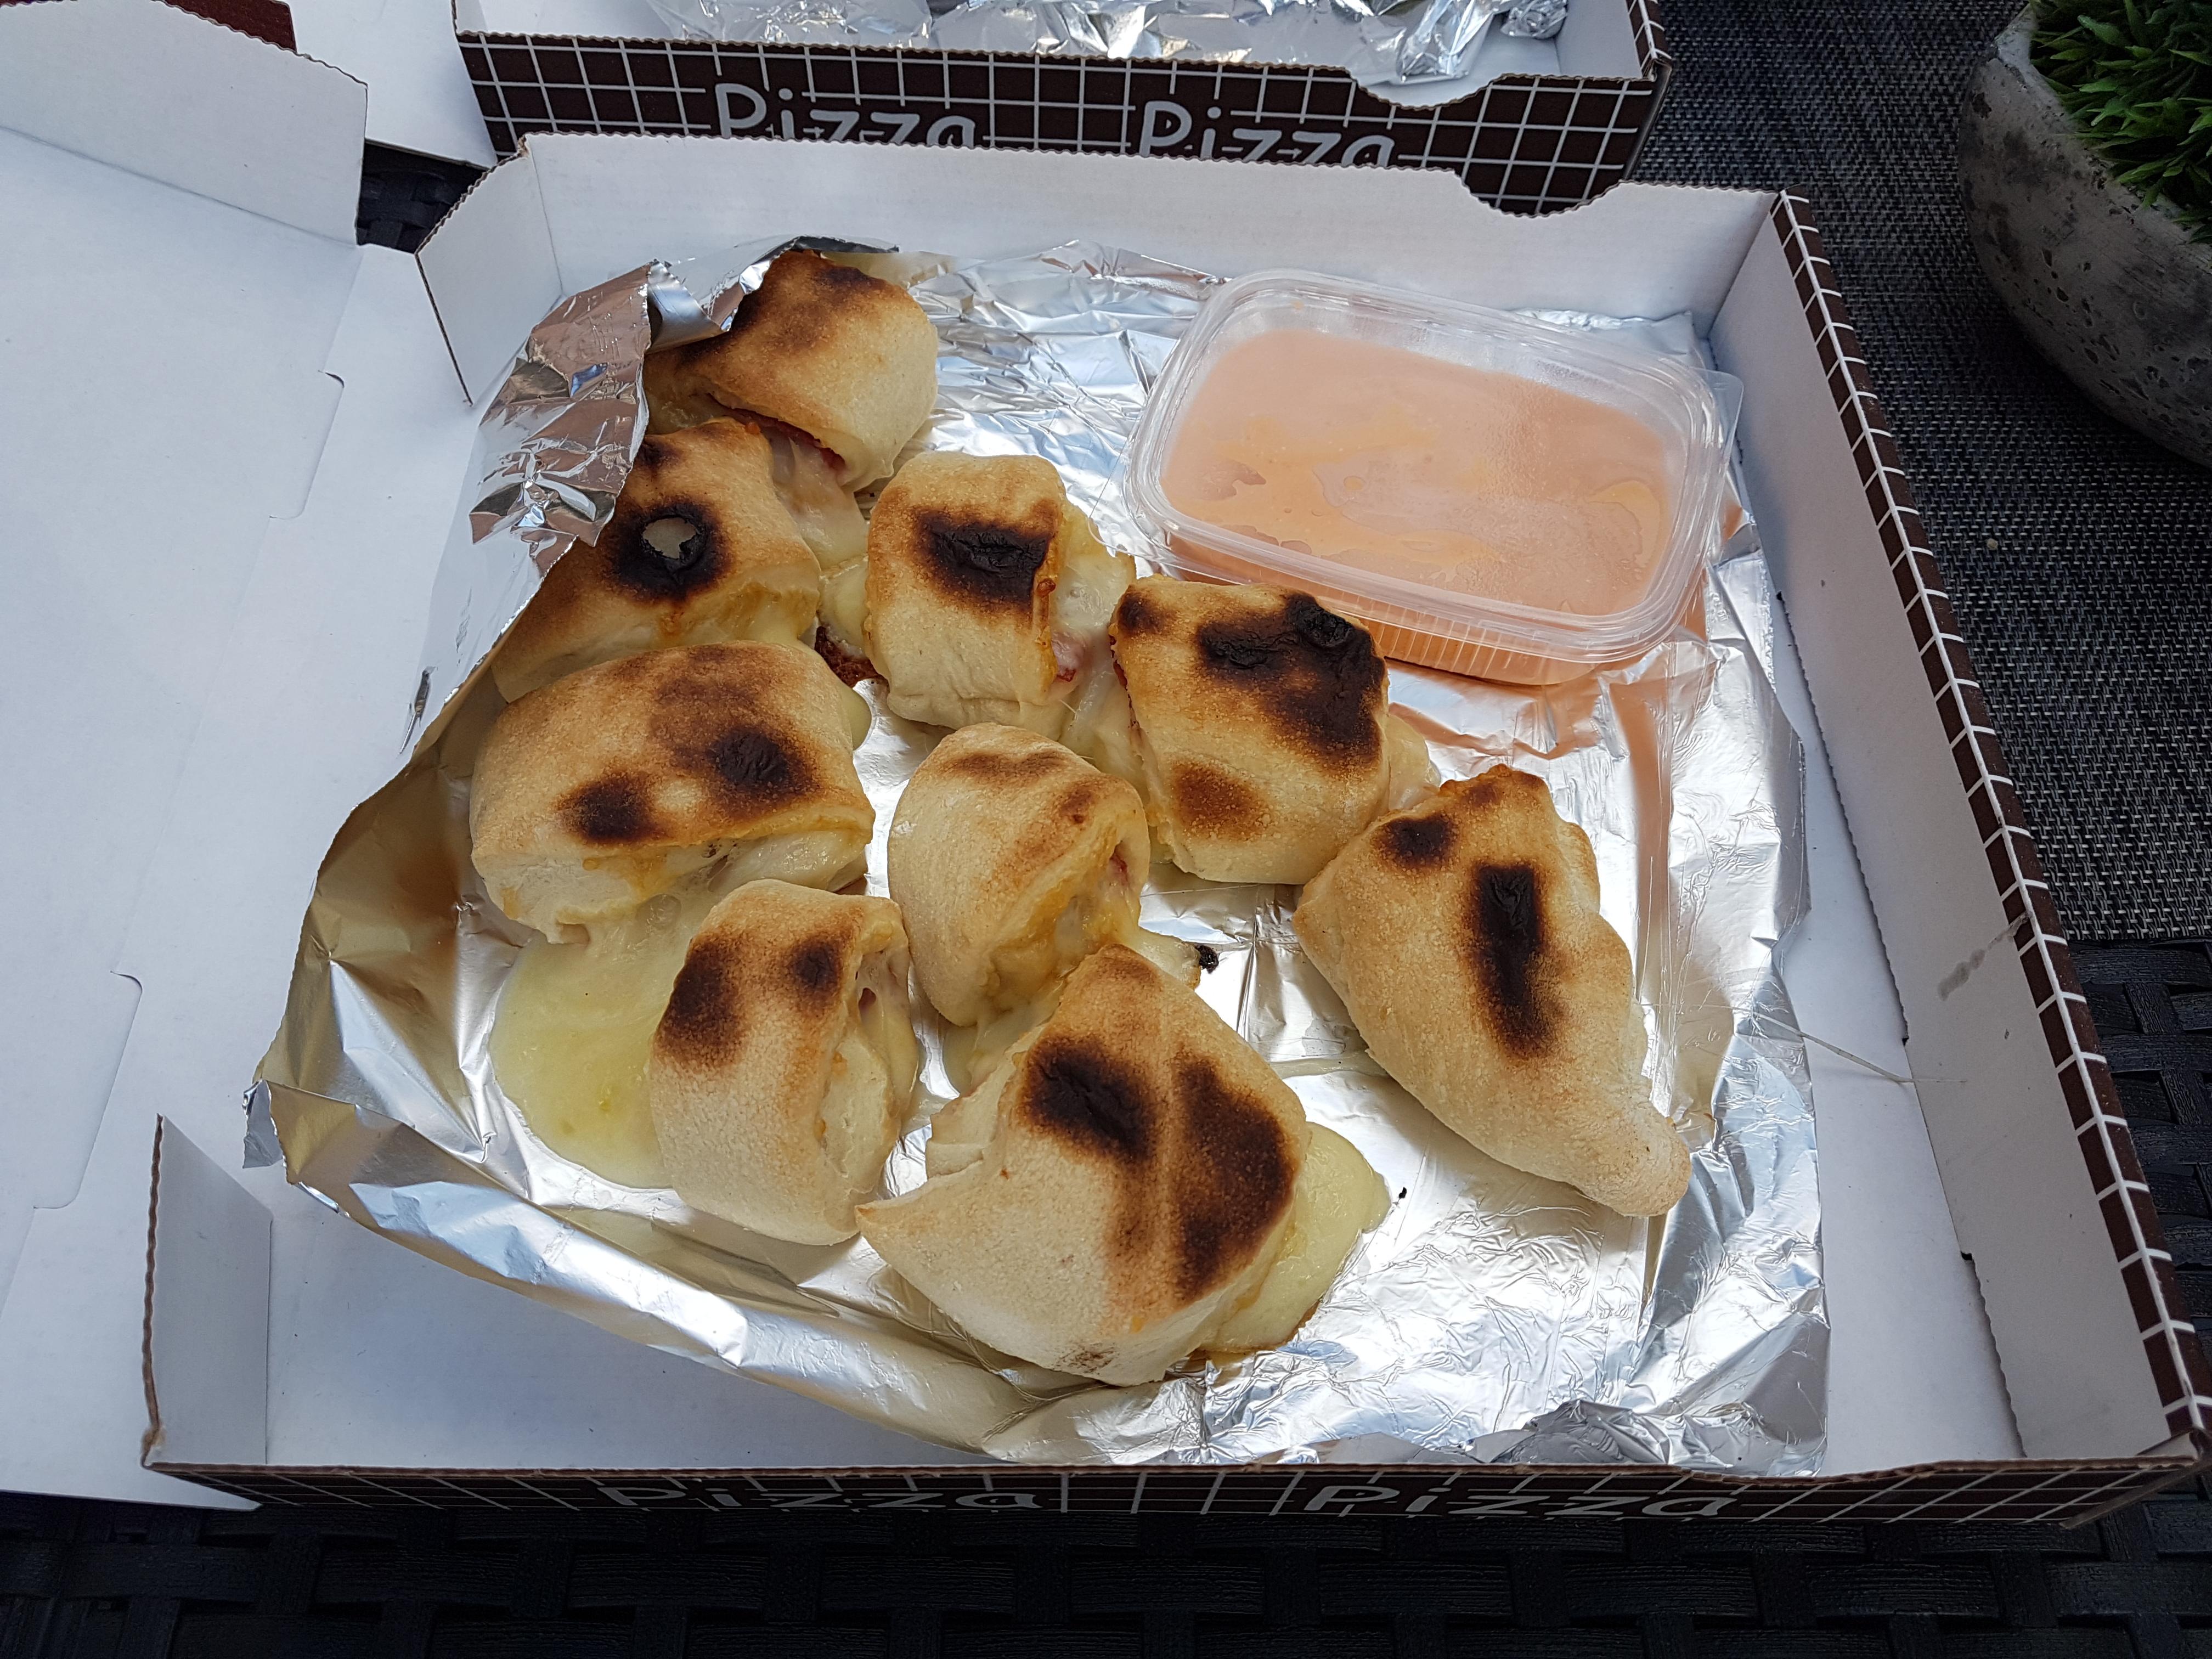 https://foodloader.net/Holz_2019-08-03_Pizzabroetchen.jpg